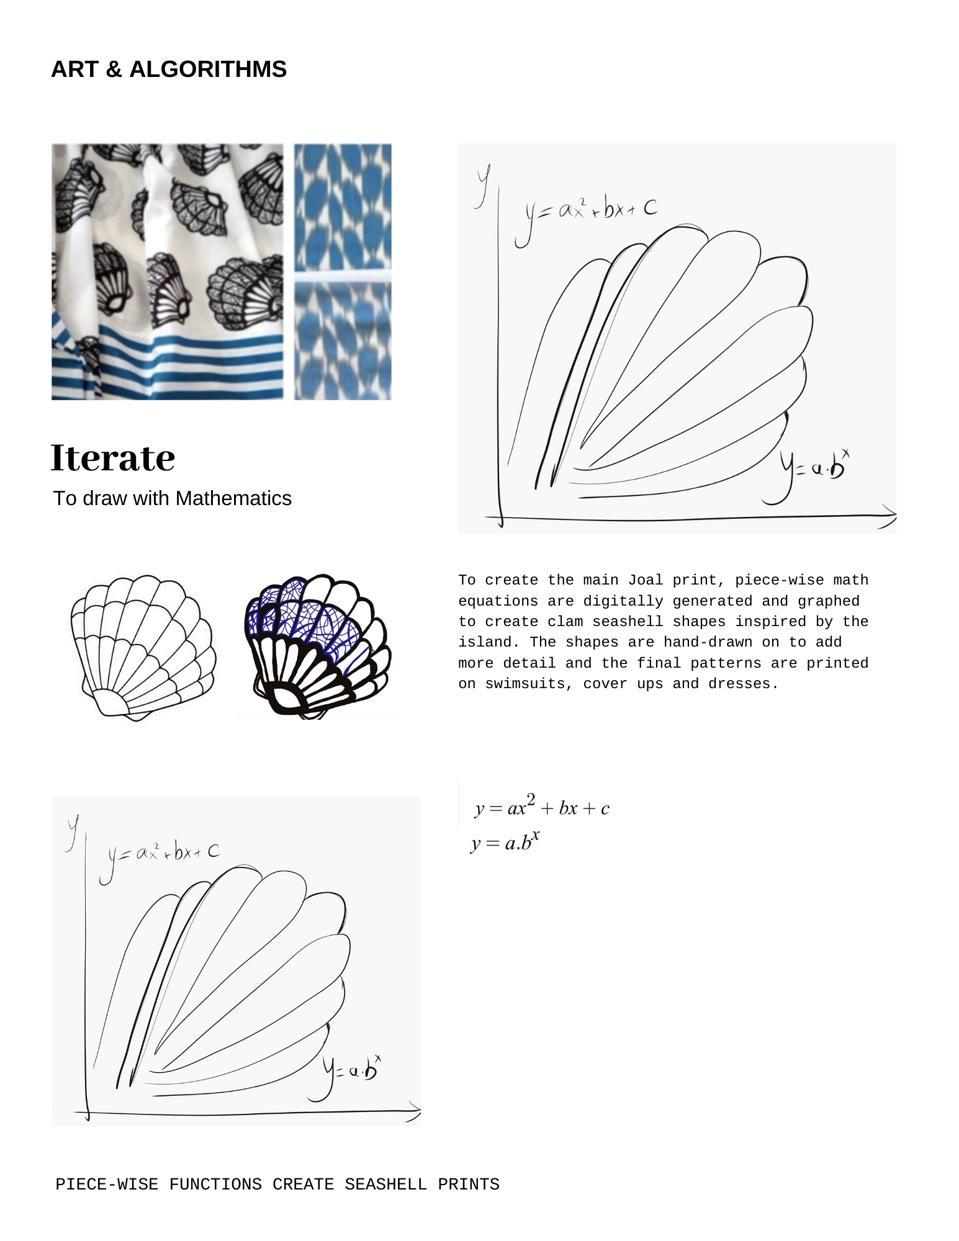 Diarrablu, Diarra Bousso, creative mathematics